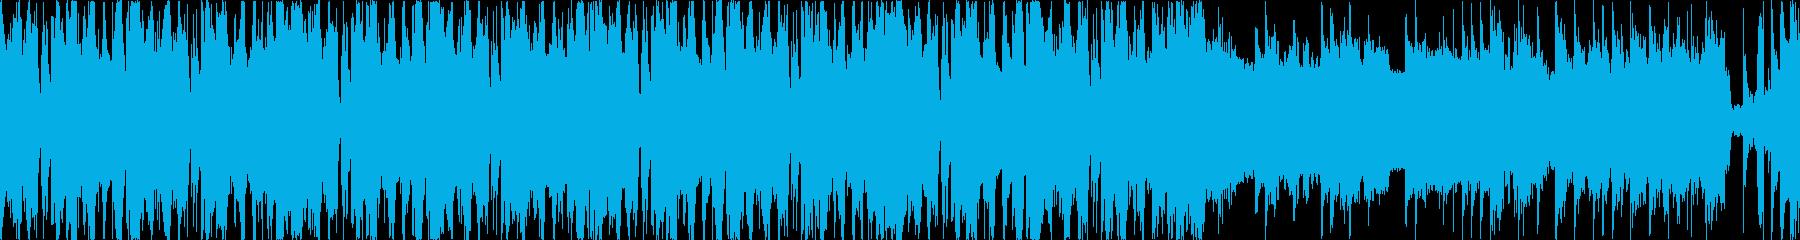 シンプル、お洒落、エレクトロ、Lの再生済みの波形